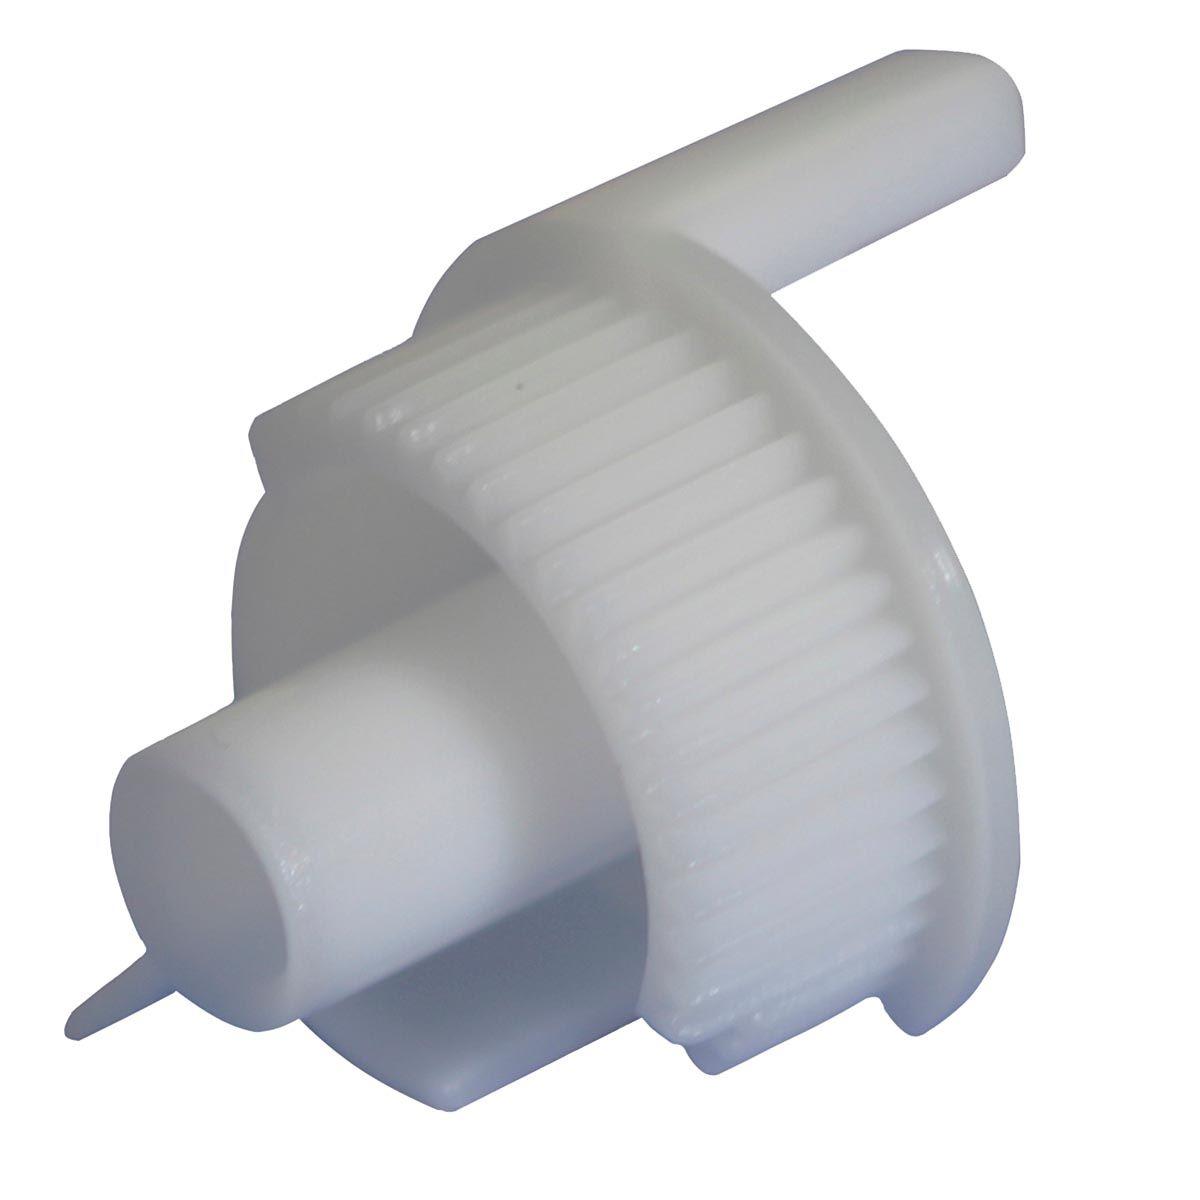 KIT ENGRENAGEM RESET BROTHER (TN630/TN660) HL-L2340DW/HL-L2360DN/MFC-L2700DW/HL-L2360DW/DCP-L2540DW/HL-L2320D